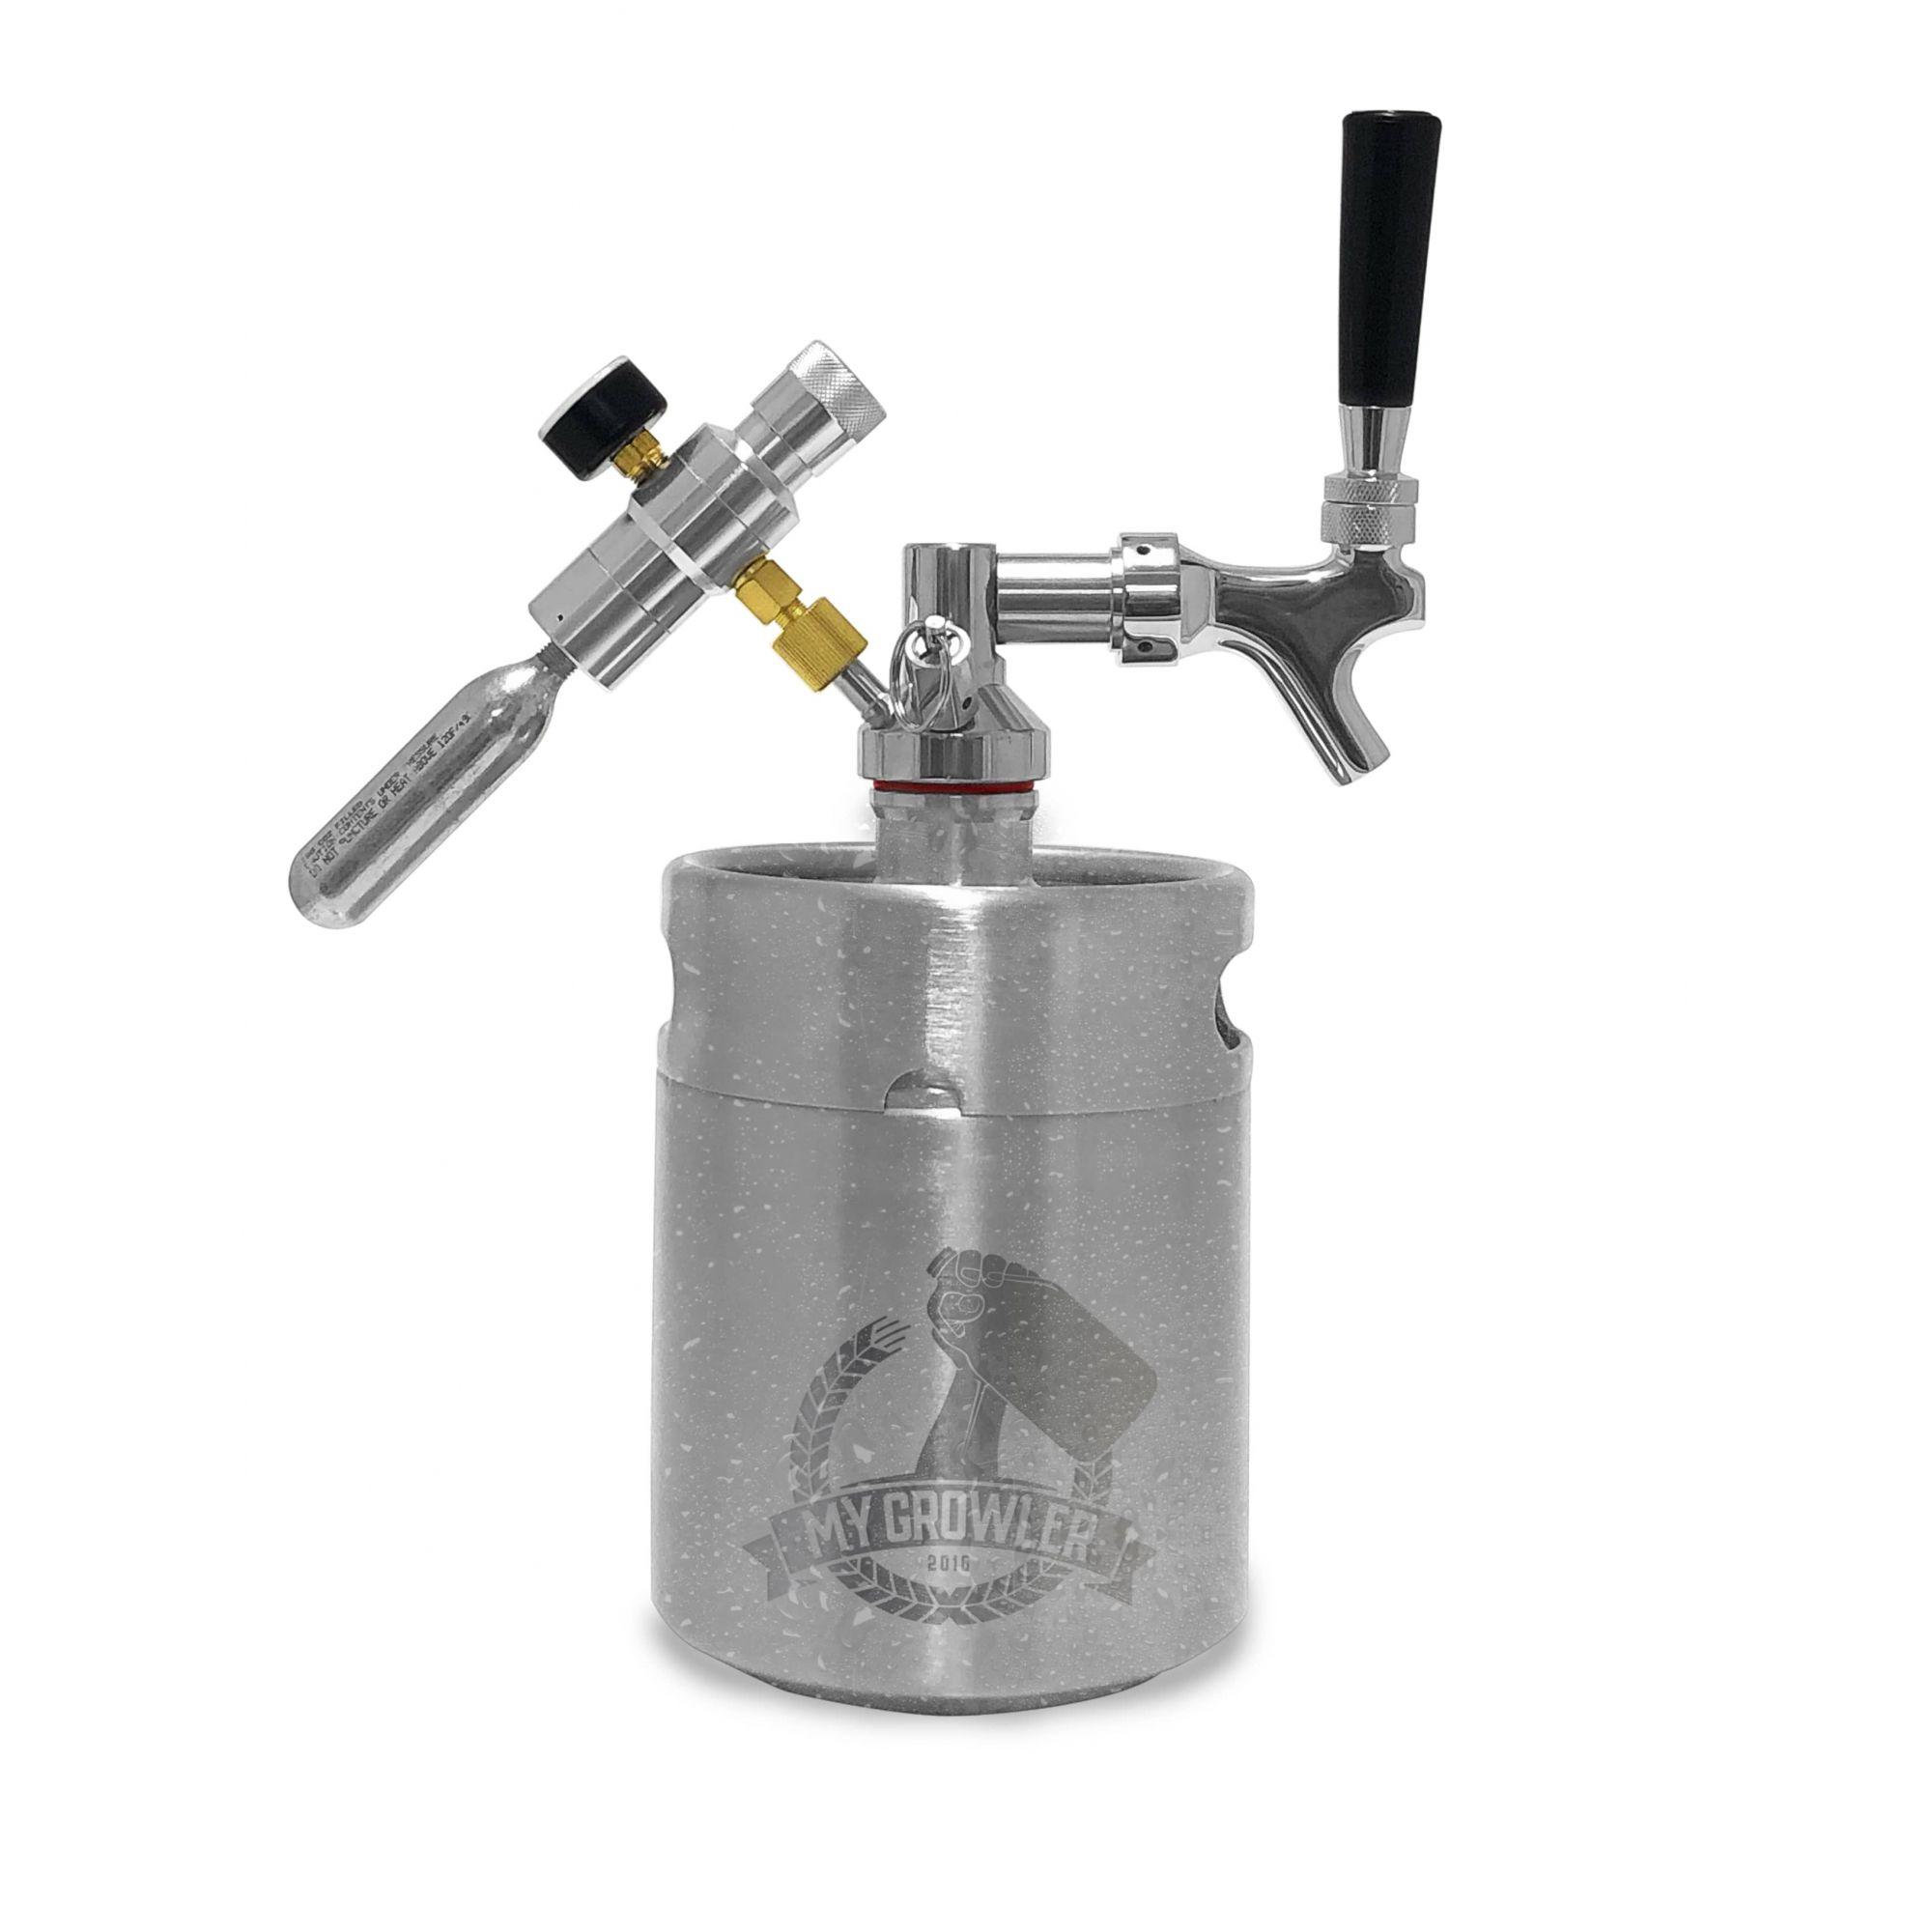 Kit 2 My Keg 2L com Americana Standard